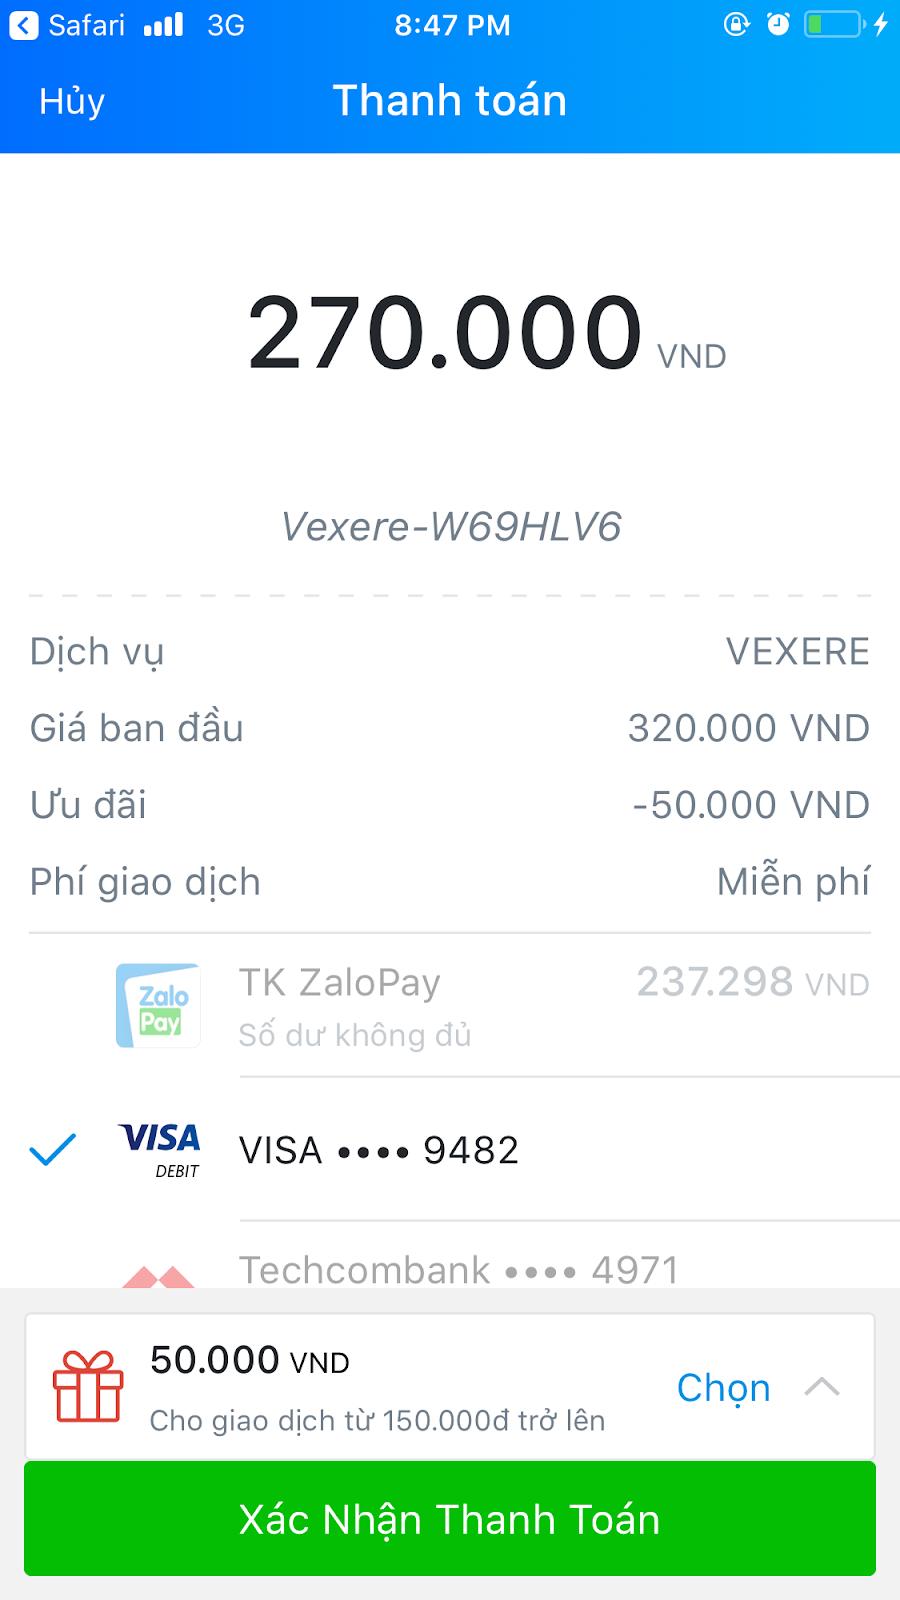 Hướng dẫn mua vé tại VeXeRe nhận khuyến mãi ZaloPay